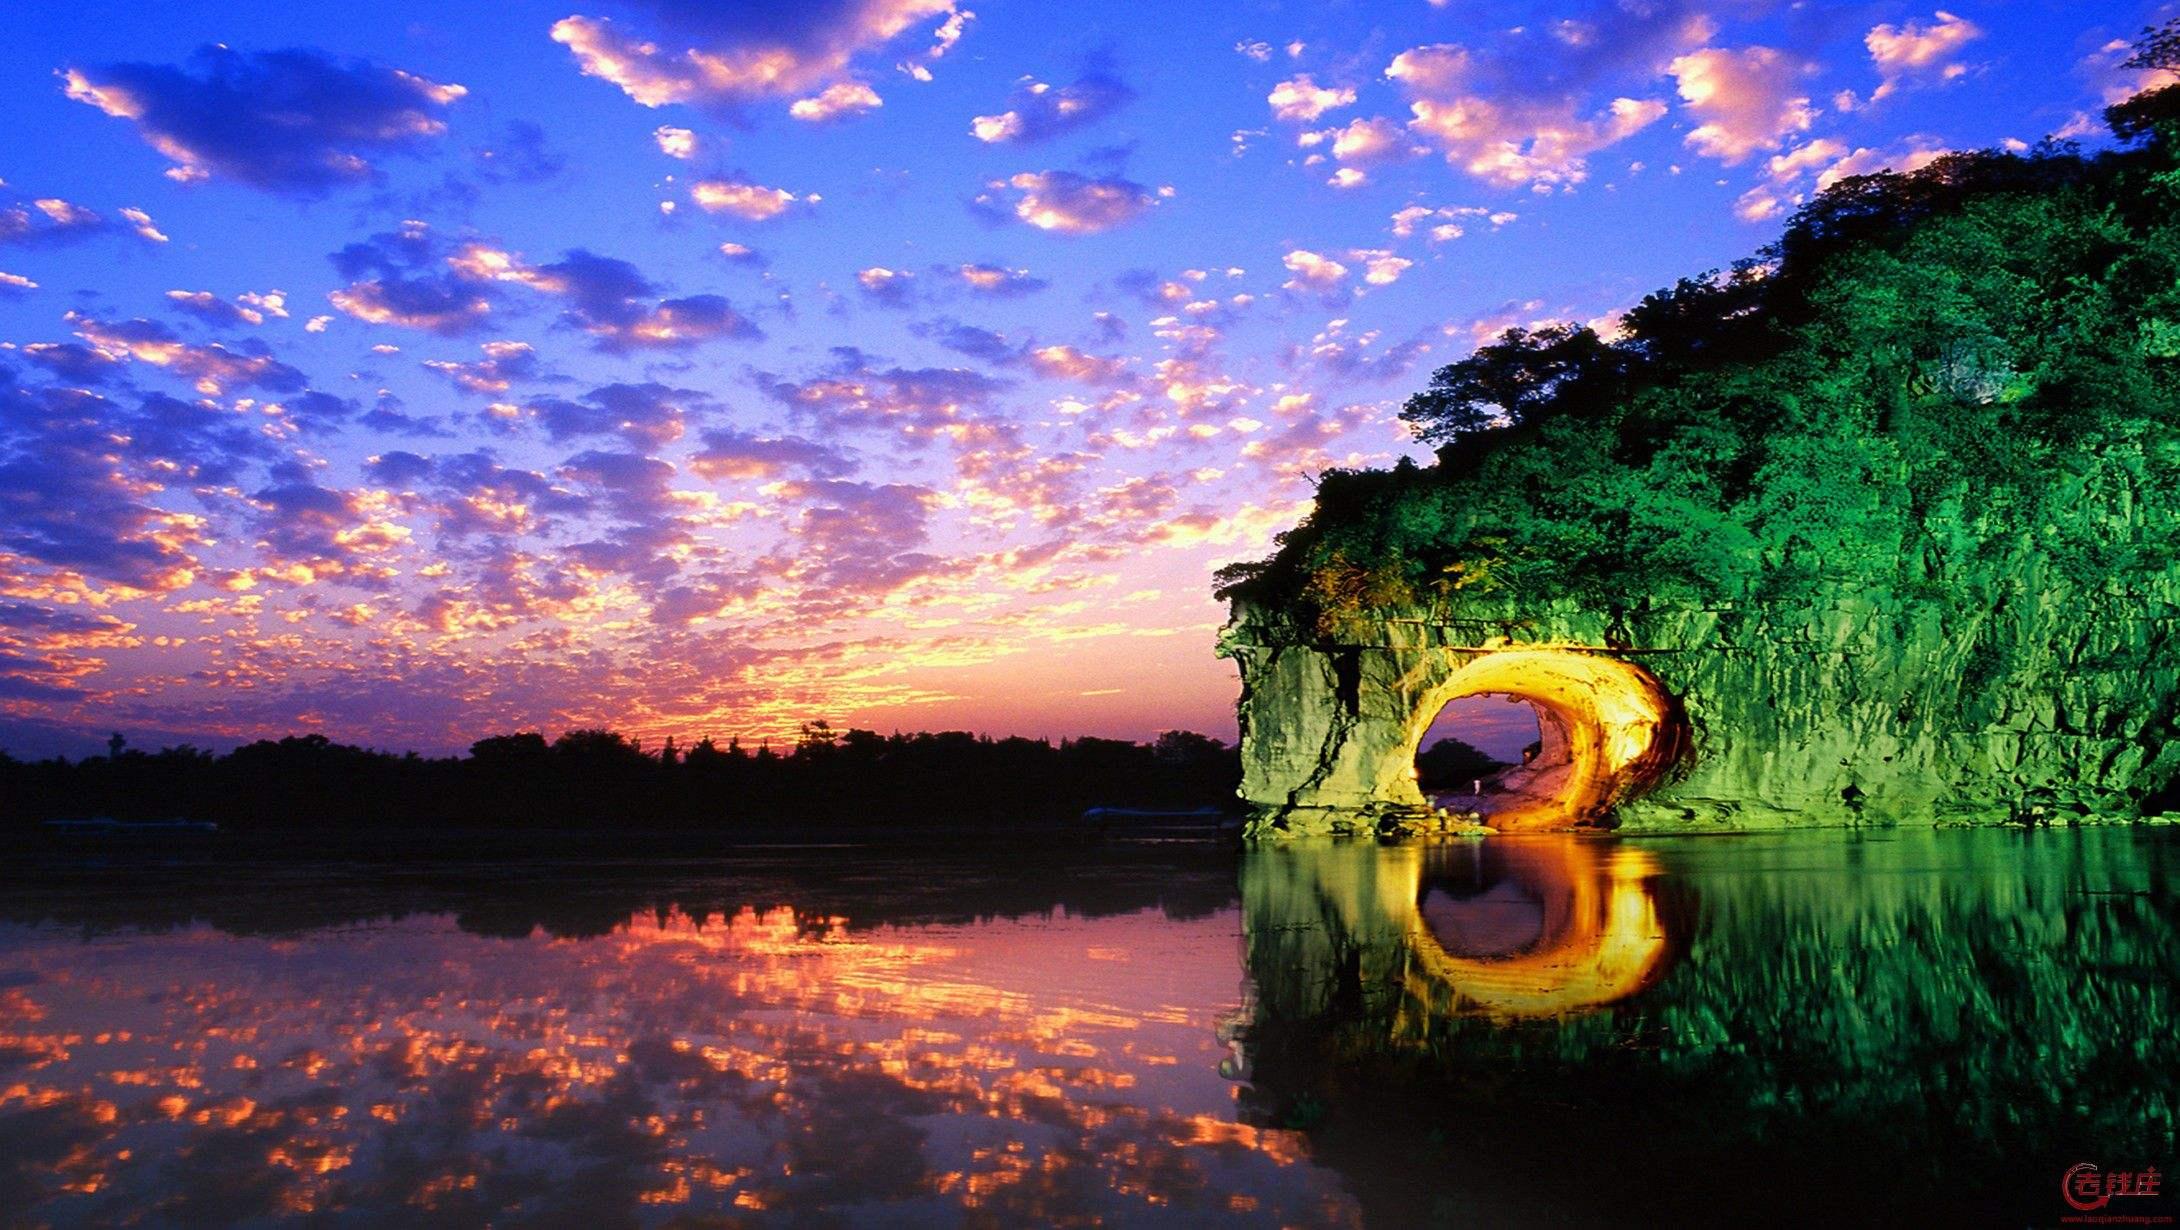 桂林旅游:上半年净利润2930万元 同增0.6%